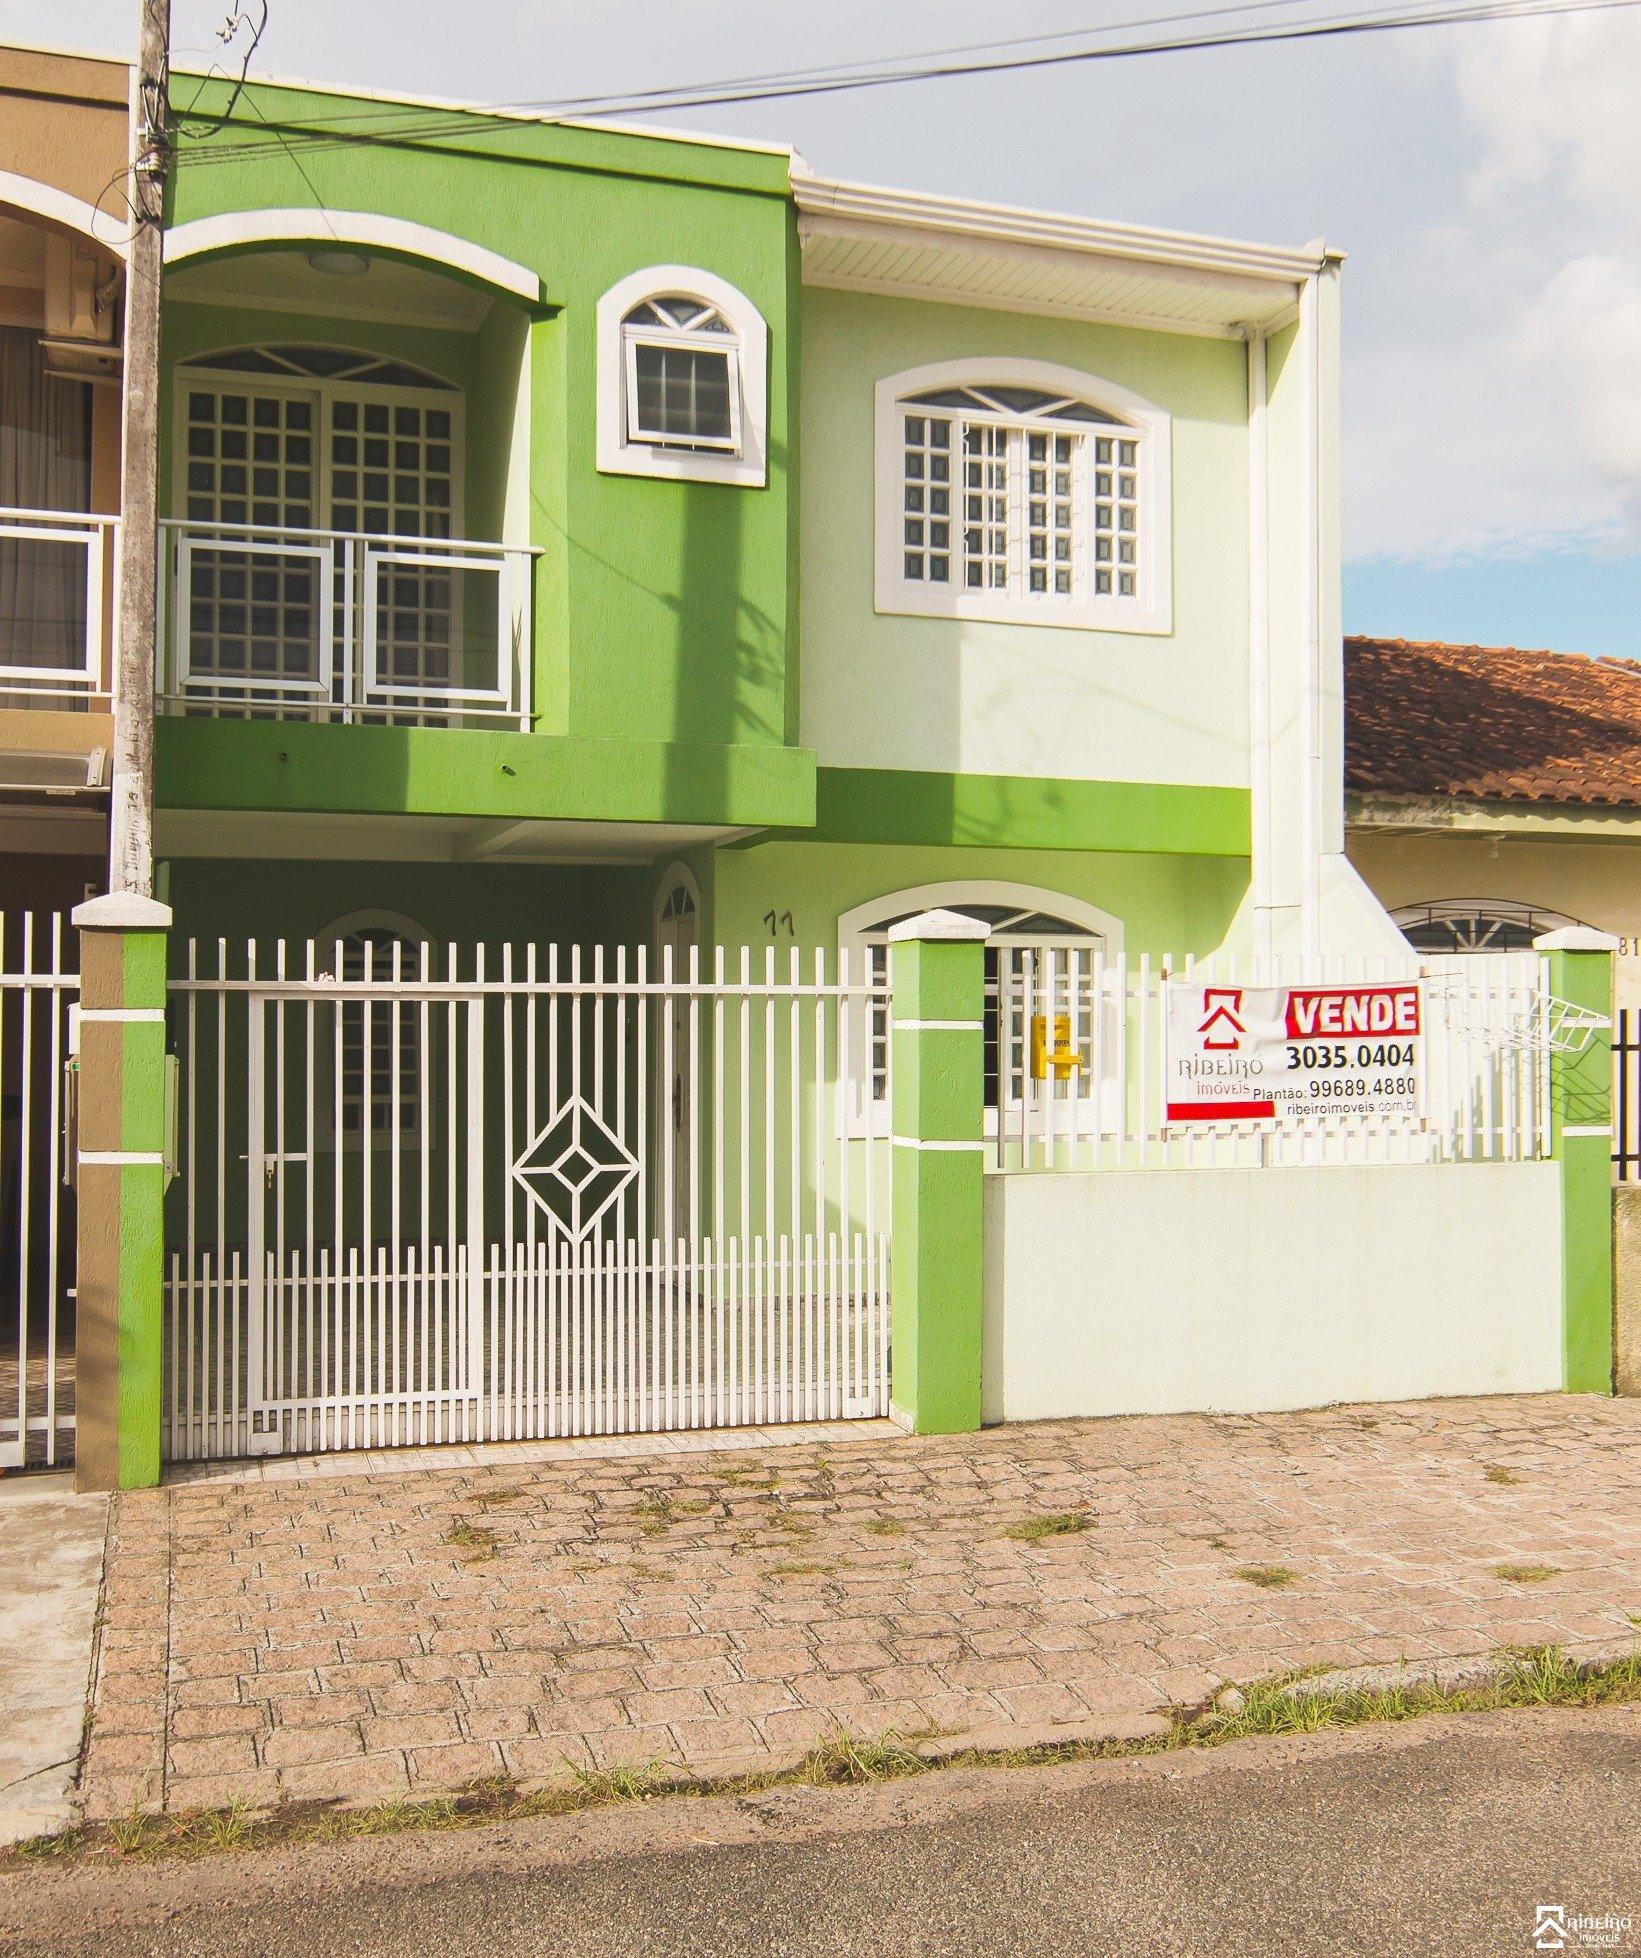 REF. 7625 -  São José Dos Pinhais - Rua  Laura Nunes Fernandes, 77 - Sobrado 05